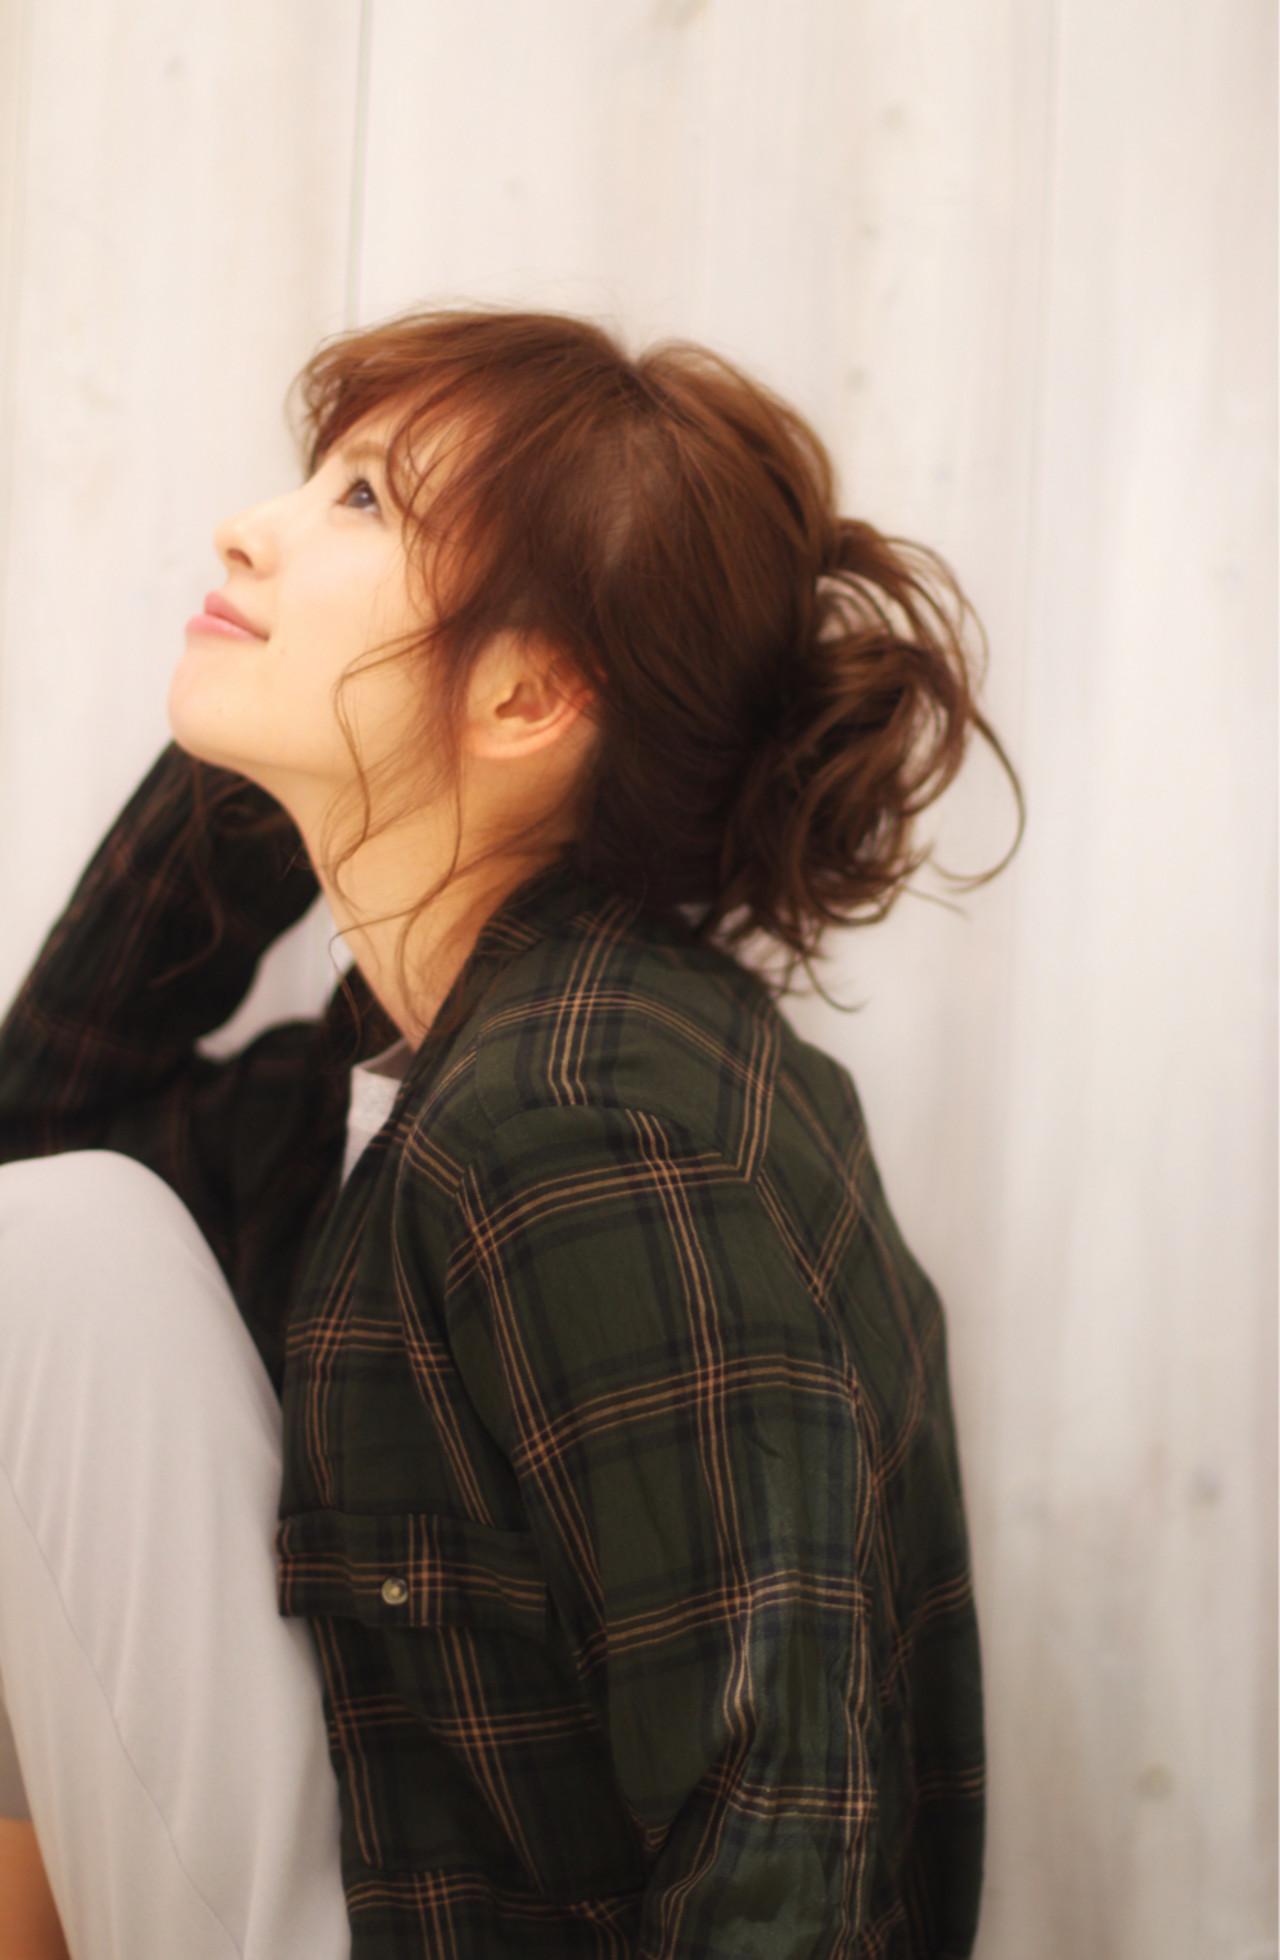 お団子 ガーリー ヘアアレンジ ミディアム ヘアスタイルや髪型の写真・画像